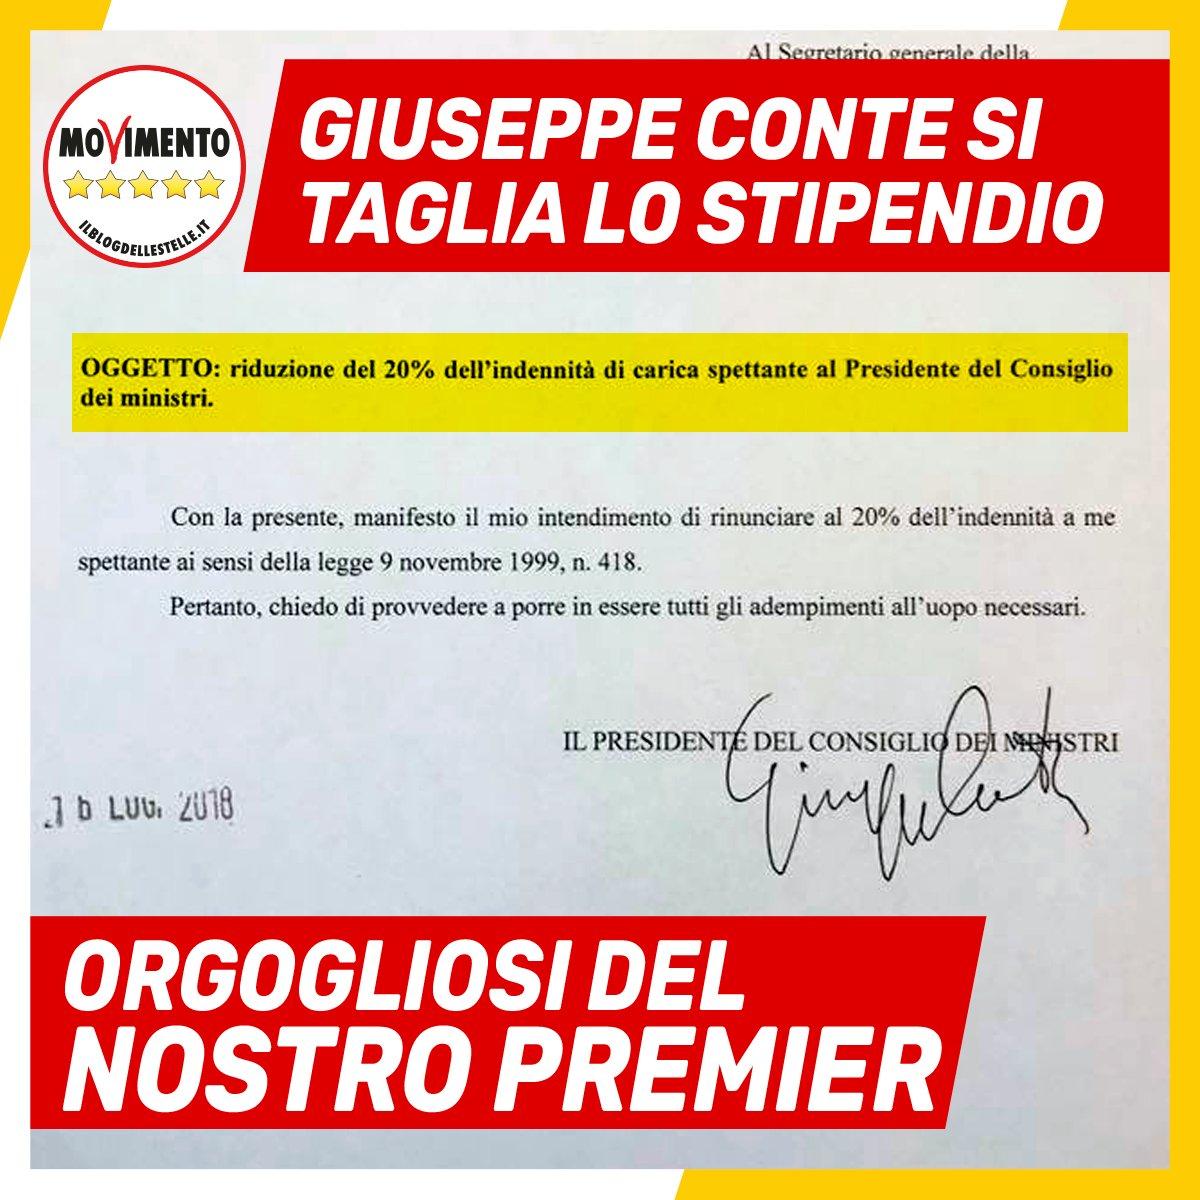 Il primo Presidente del Consiglio della storia a tagliarsi lo #stipendio. Orgogliosi di @GiuseppeConteIT !